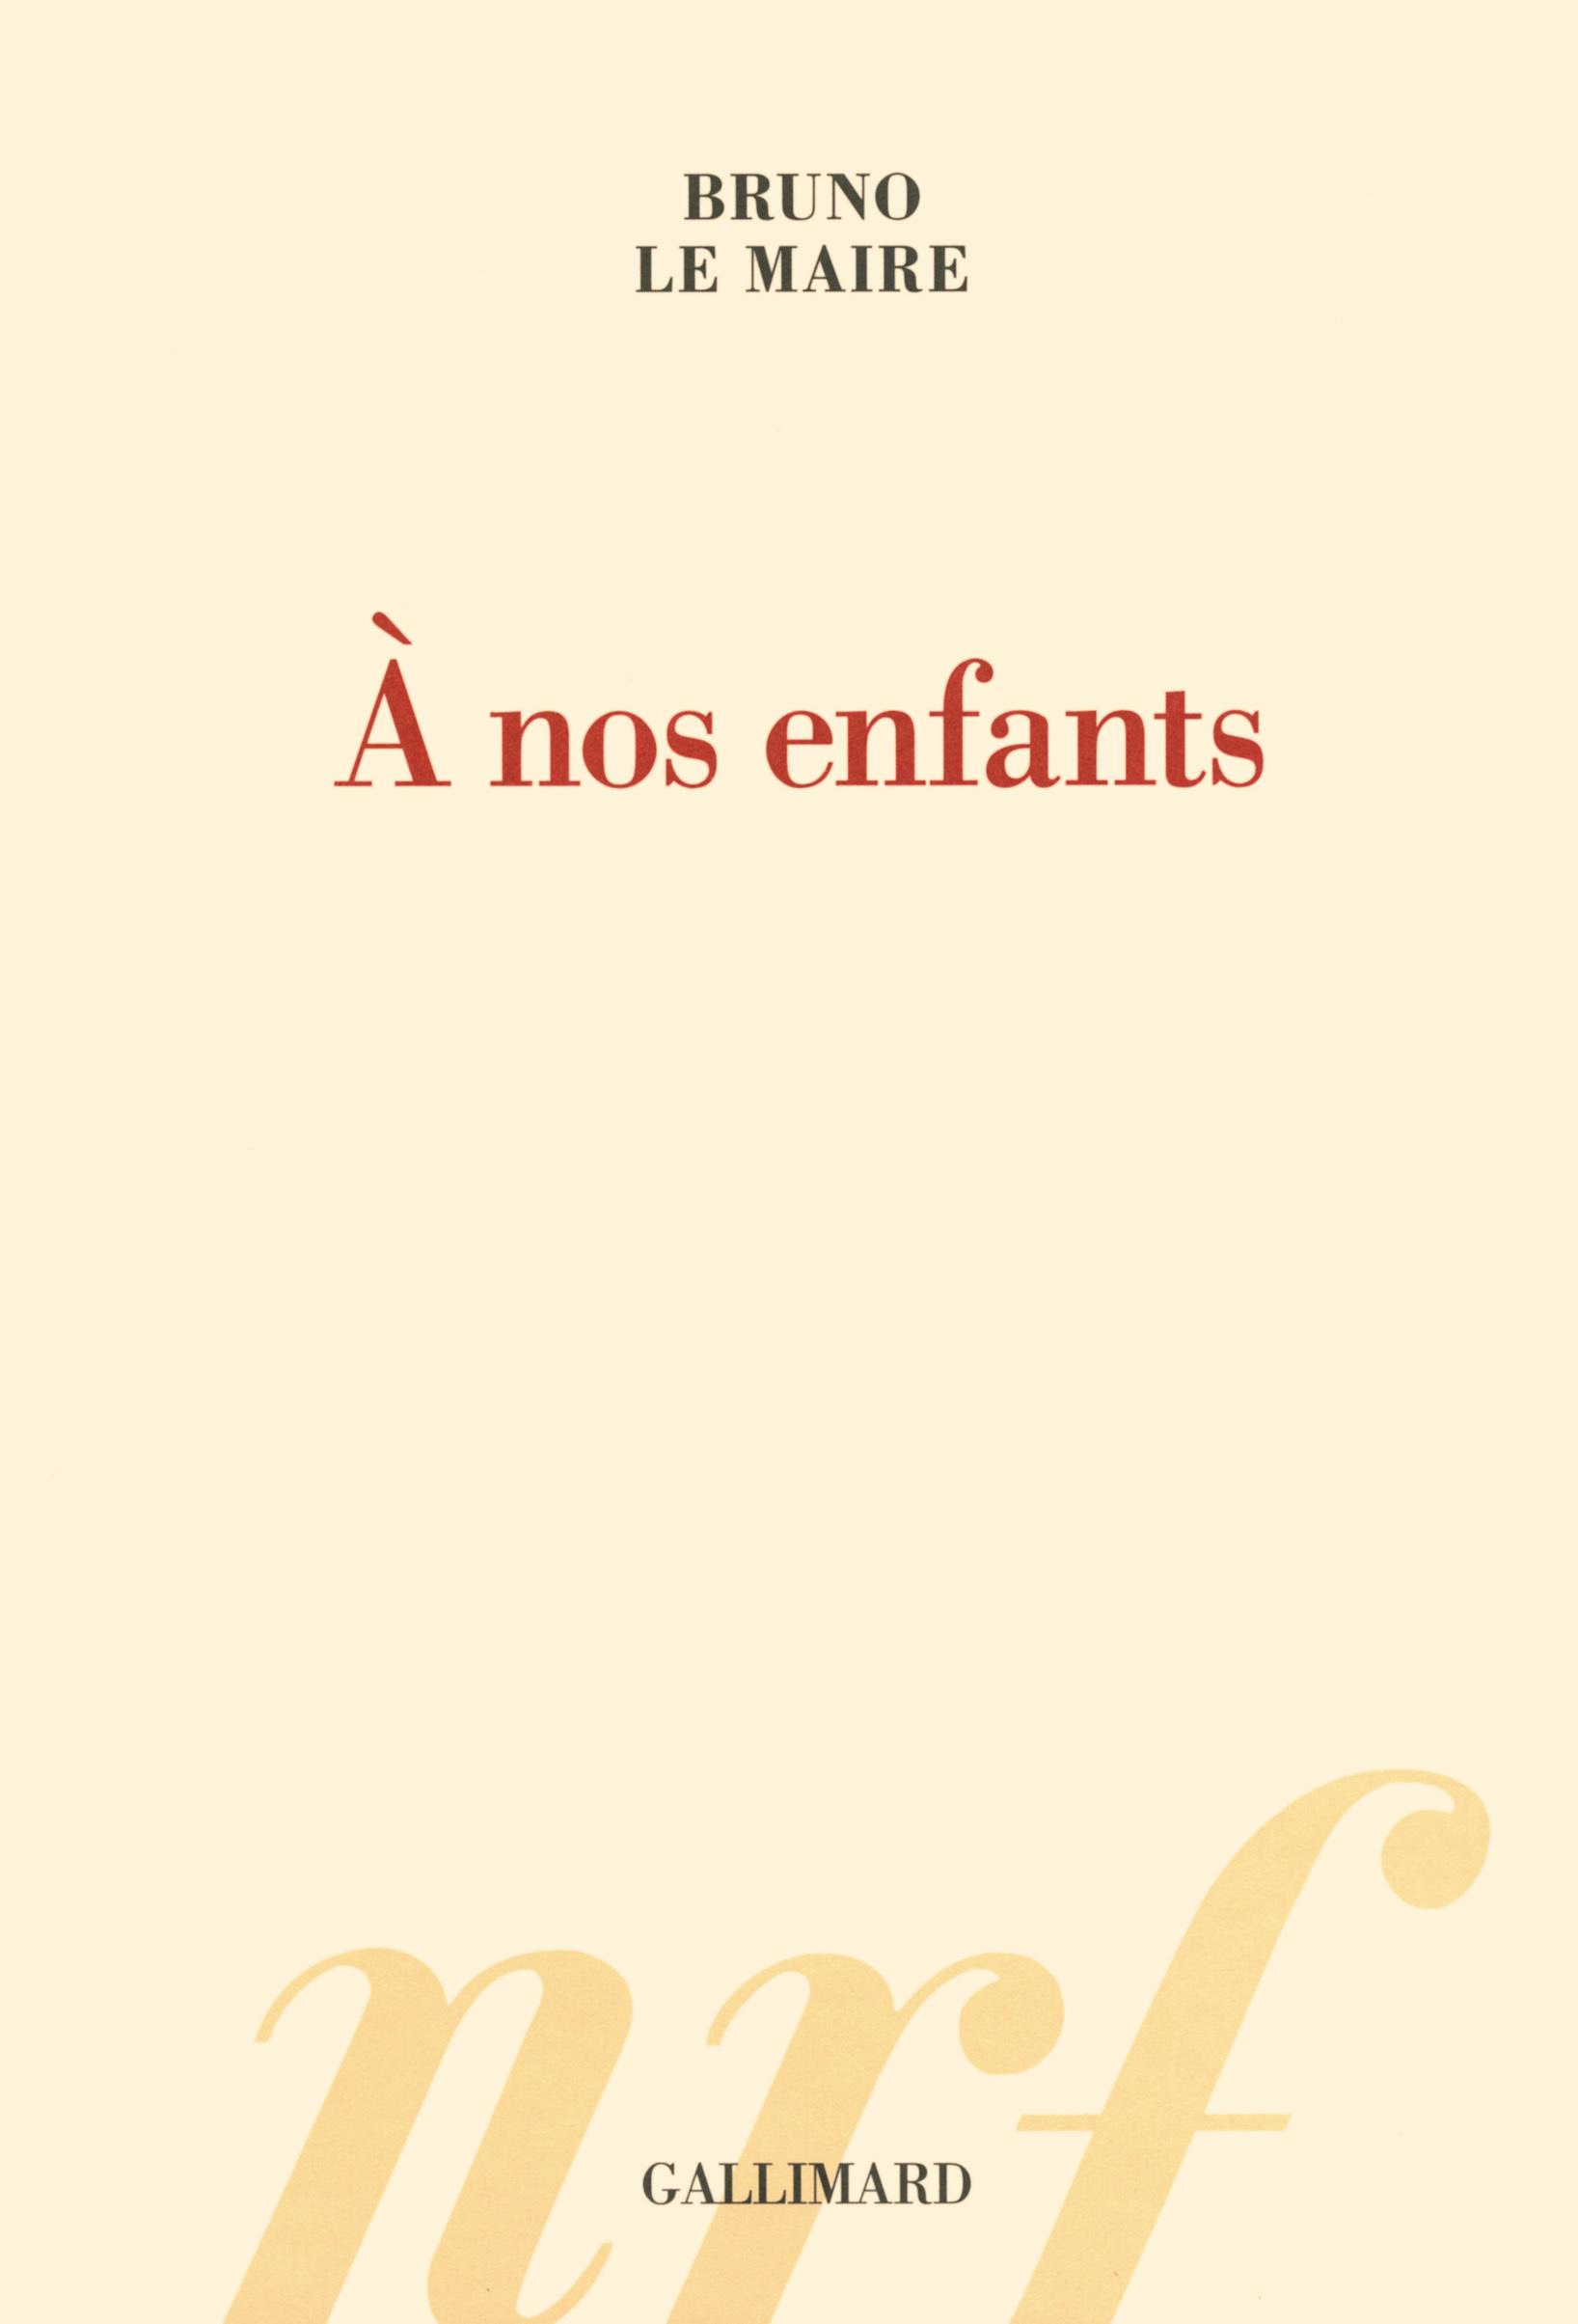 A NOS ENFANTS